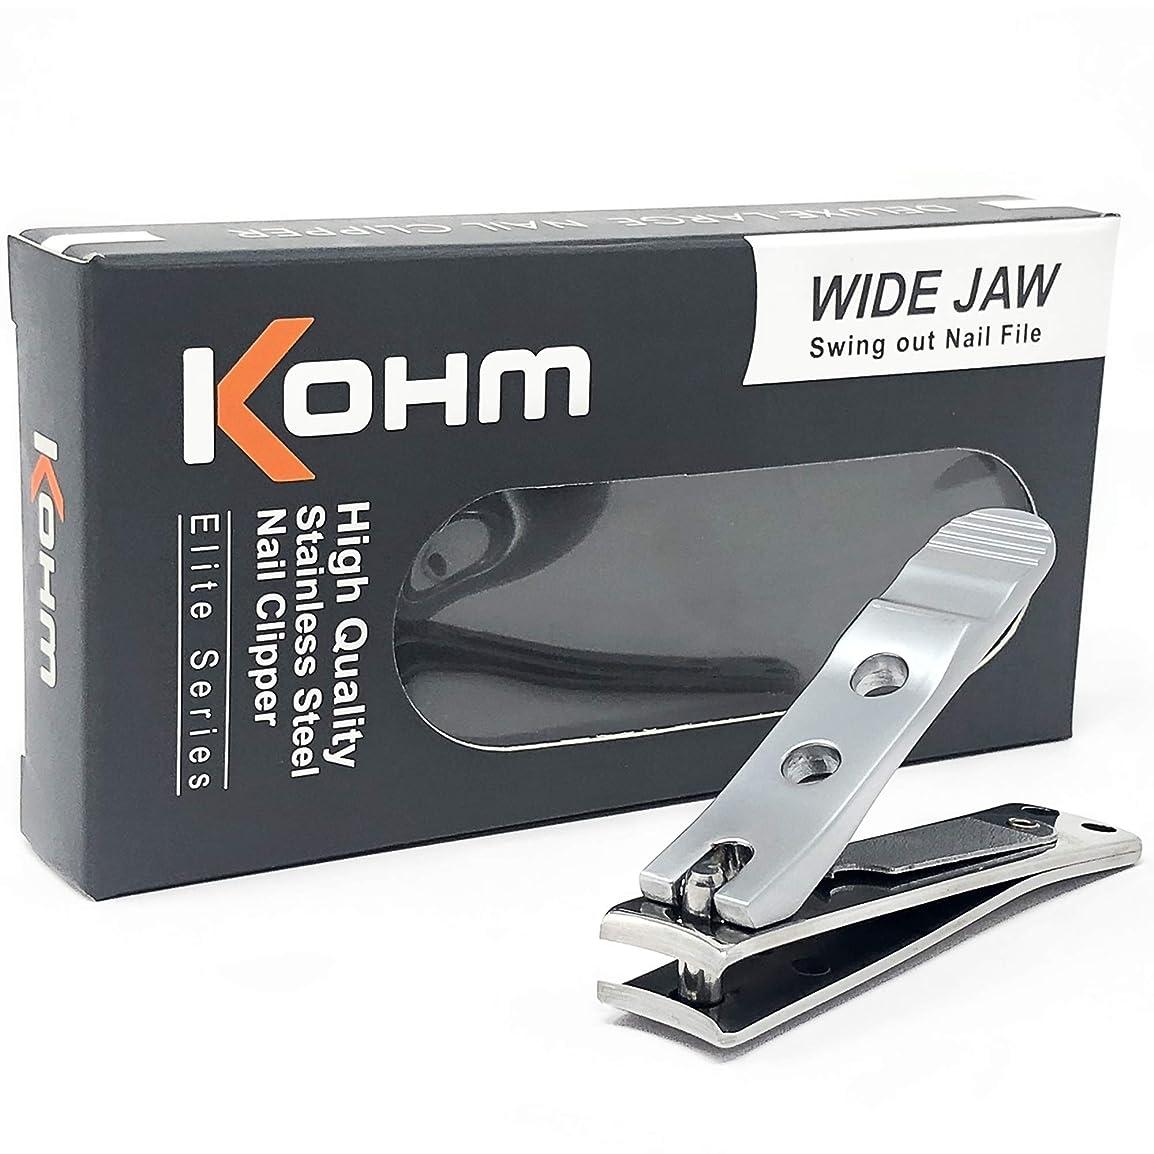 橋脚引き金解くKohm WHS-440L厚手の爪のための足のつかみ4mmの広い顎、湾曲した刃、釘のファイル、ヘビーデューティ。